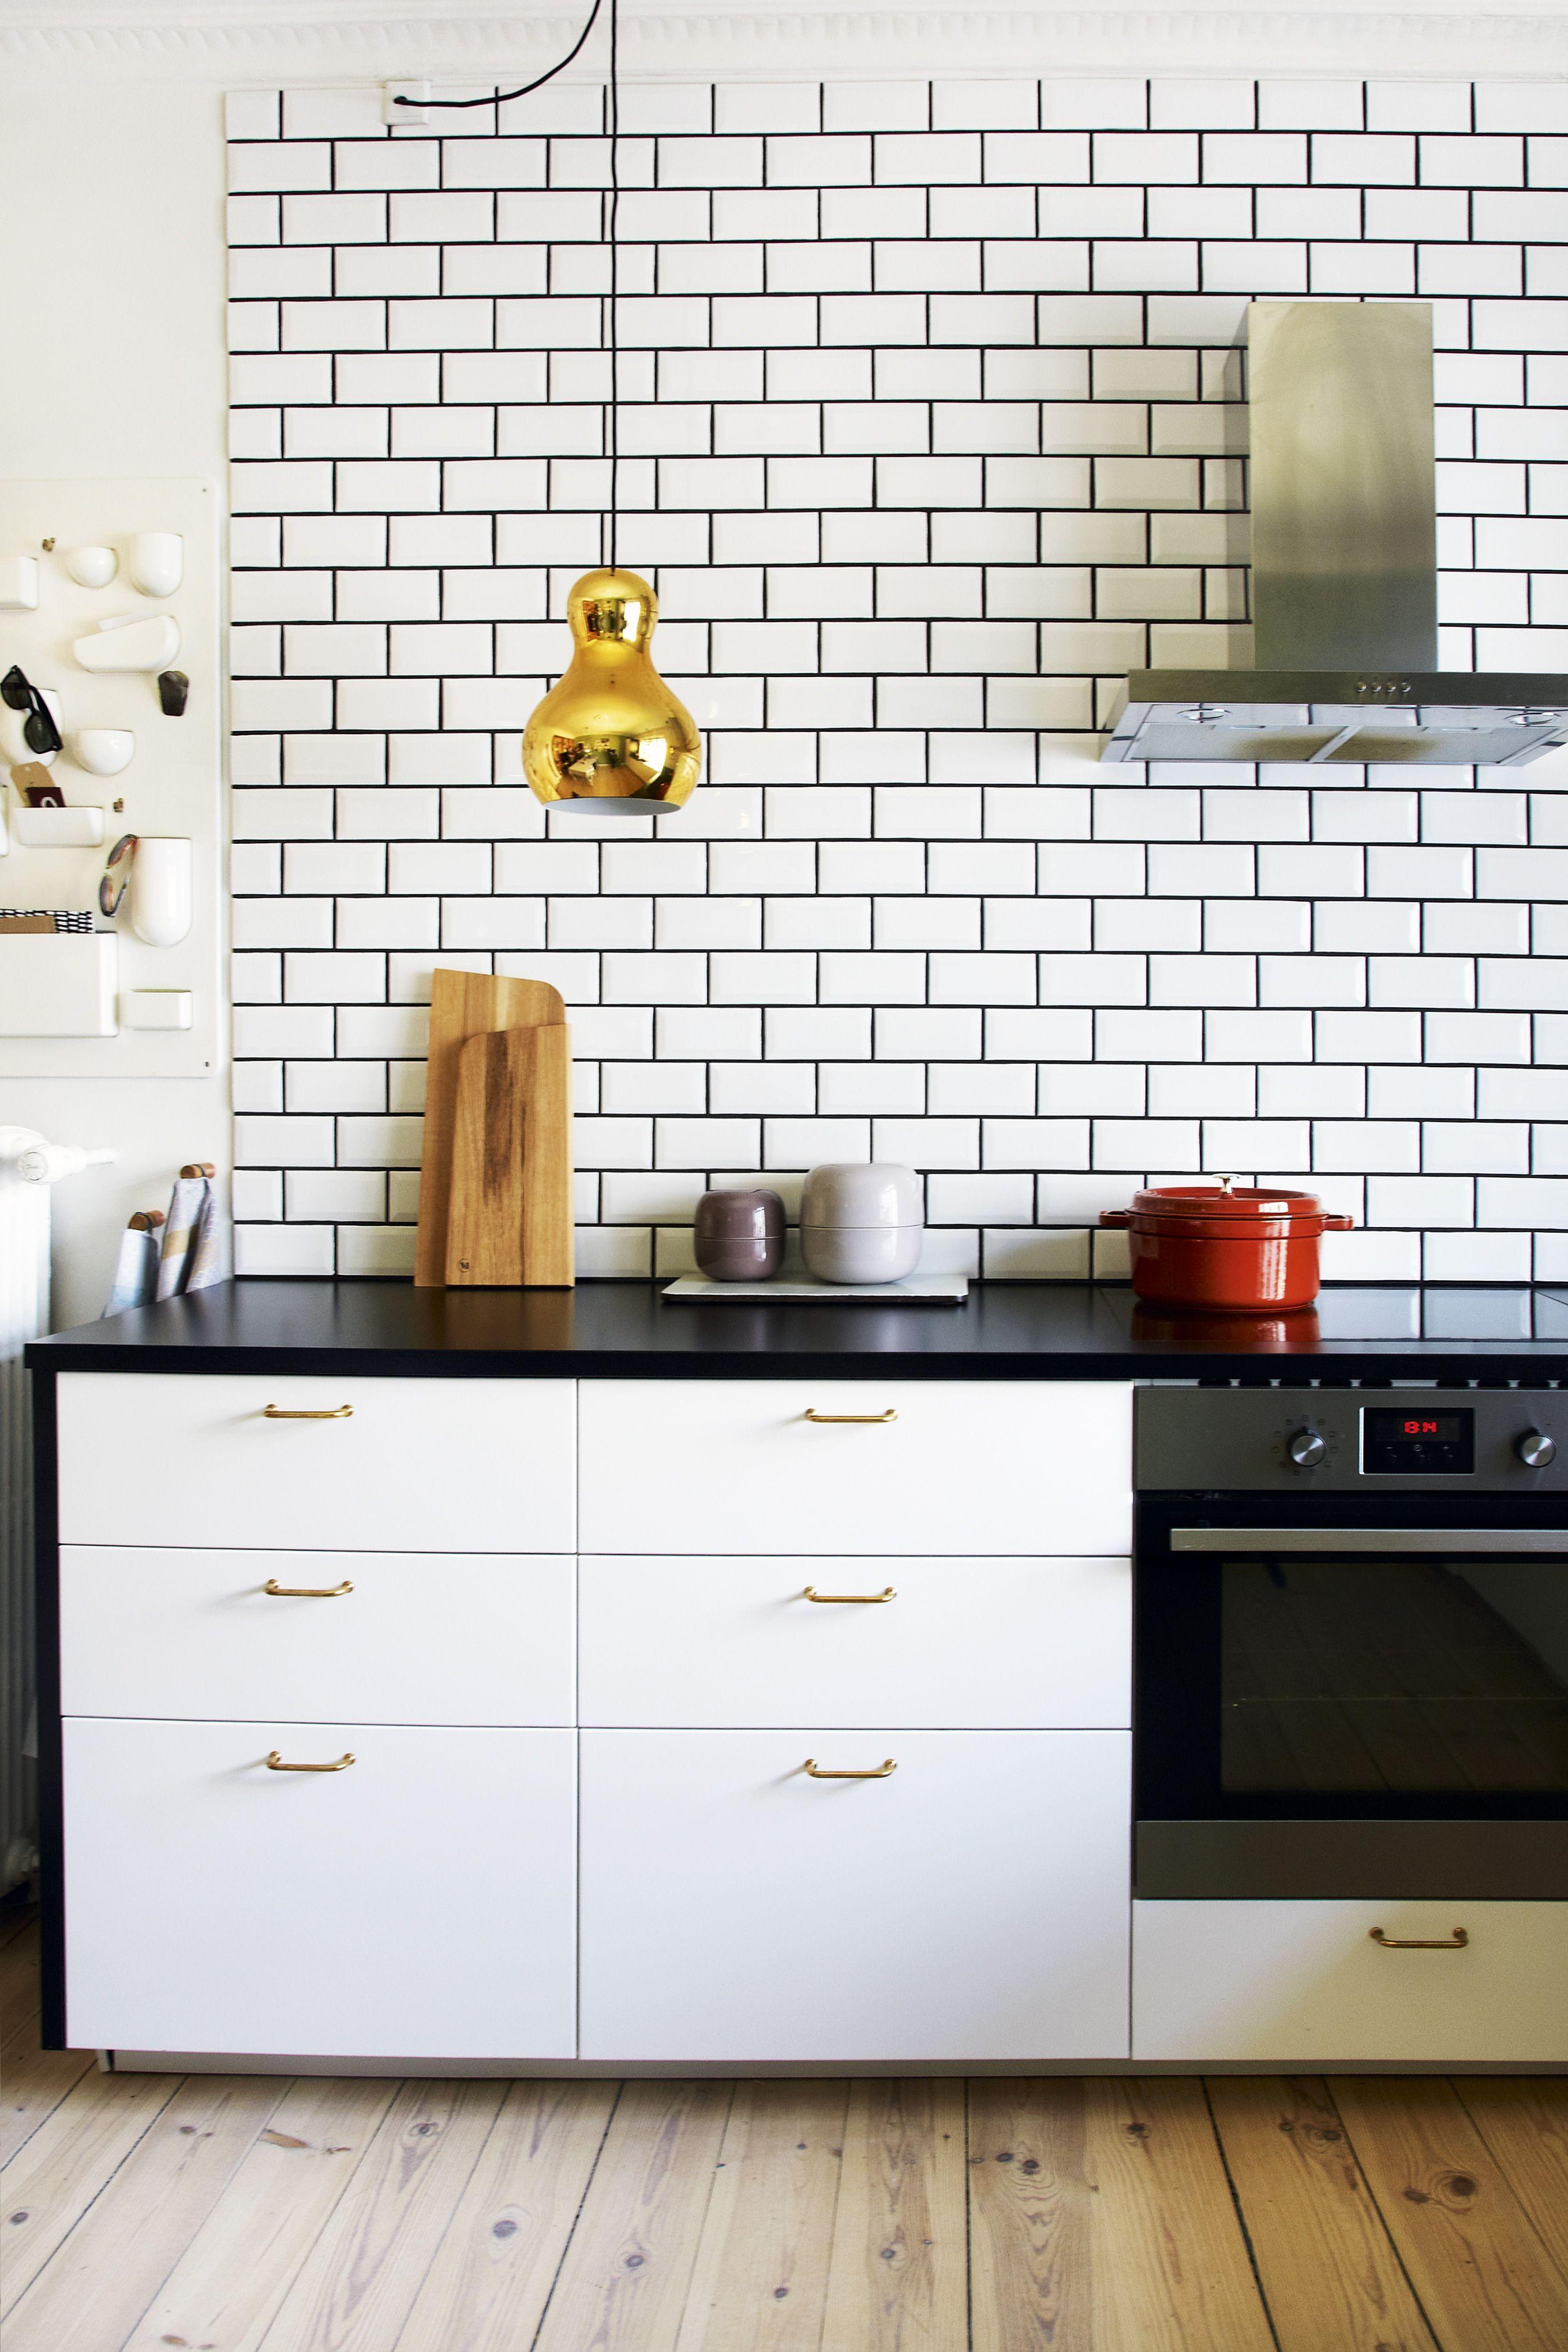 Boligreportage Fra Boligmagasinetevers Fliser I Hvid 10X20 Cm Fascinating 10 X 20 Kitchen Design Design Decoration